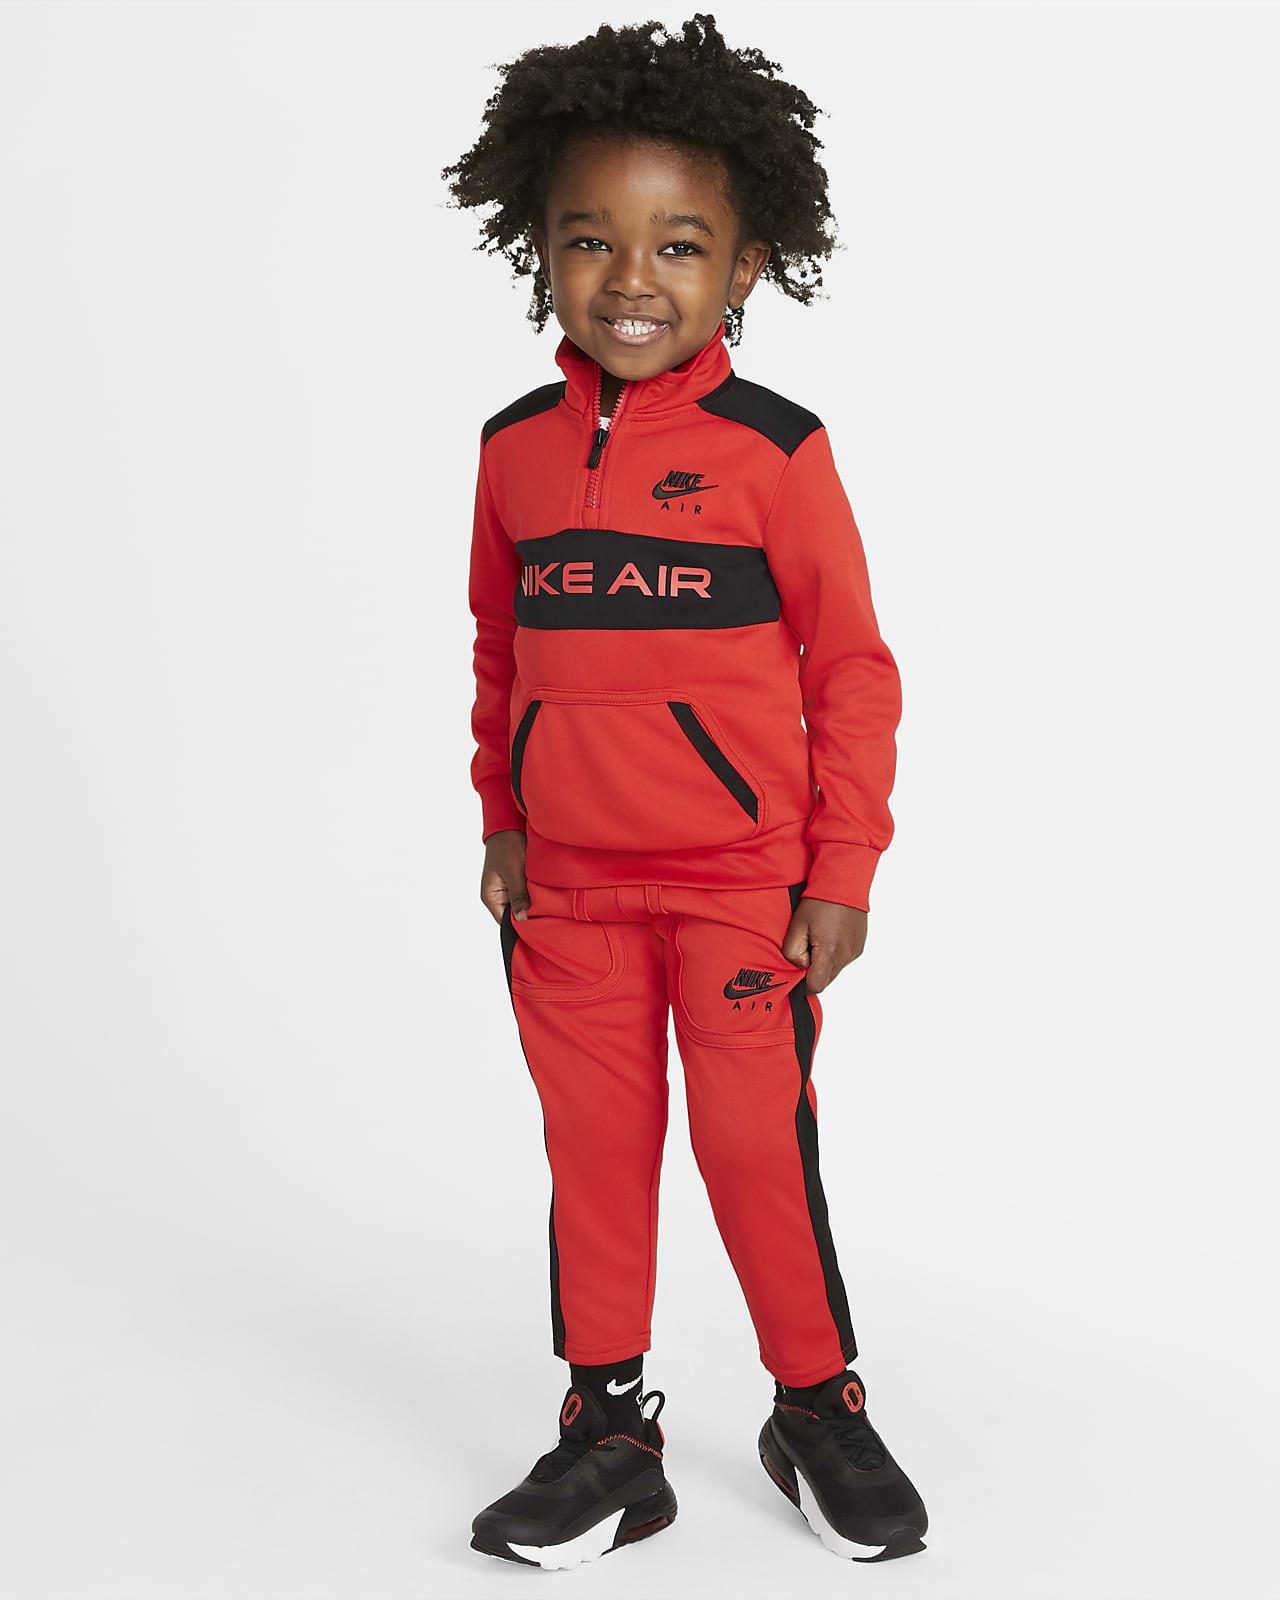 Completo maglia e pantaloni jogger Nike Air - Bimbi piccoli